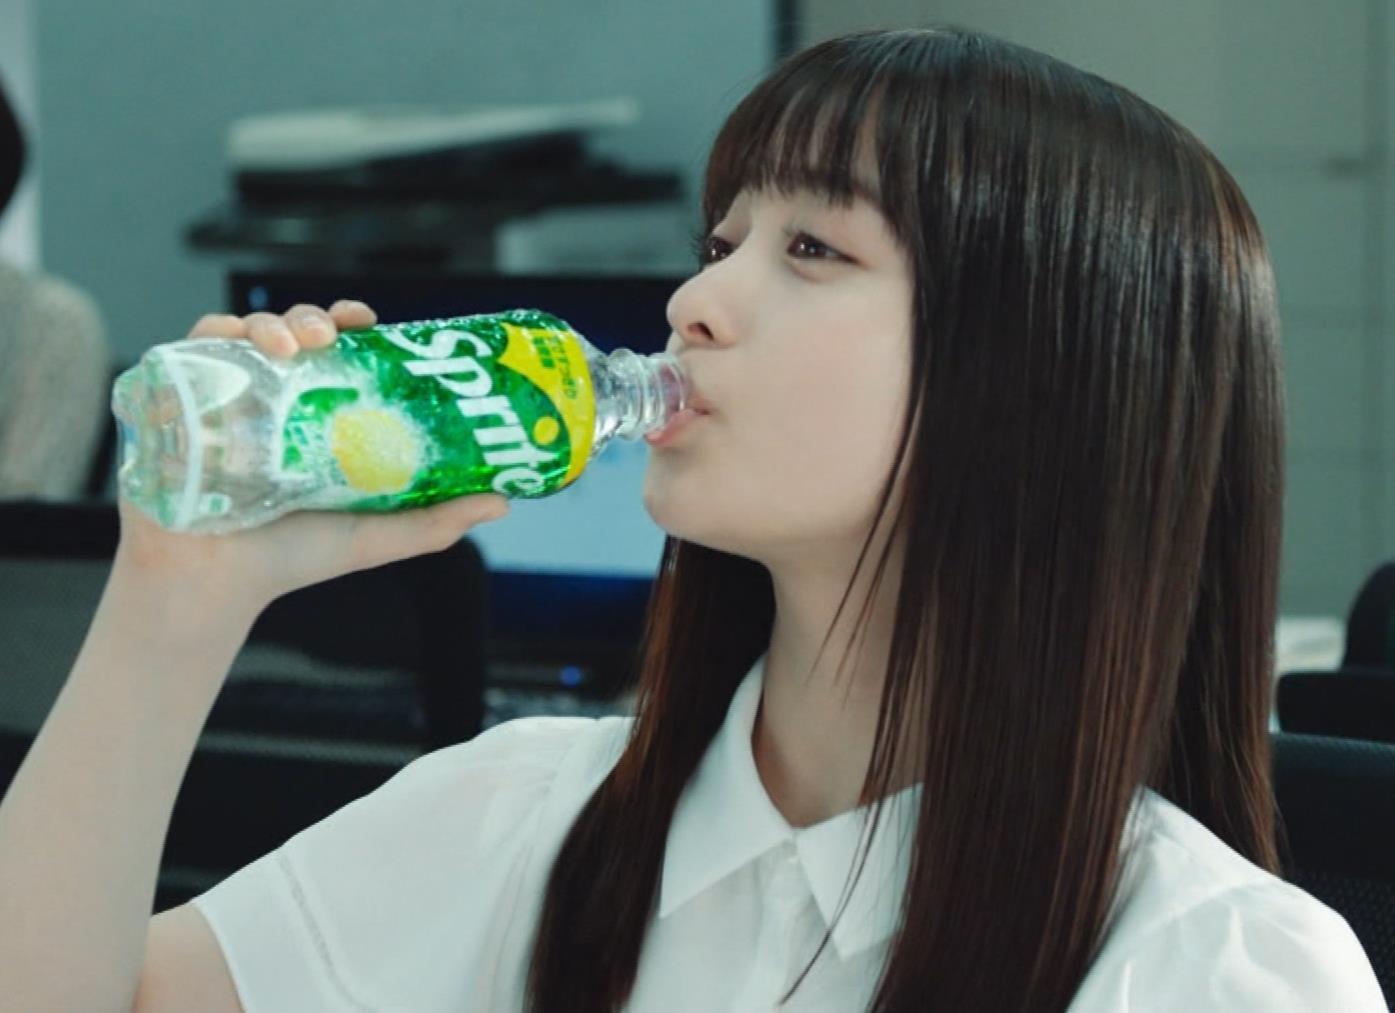 橋本環奈 巨乳がクッキリしちゃったCMキャプ・エロ画像3